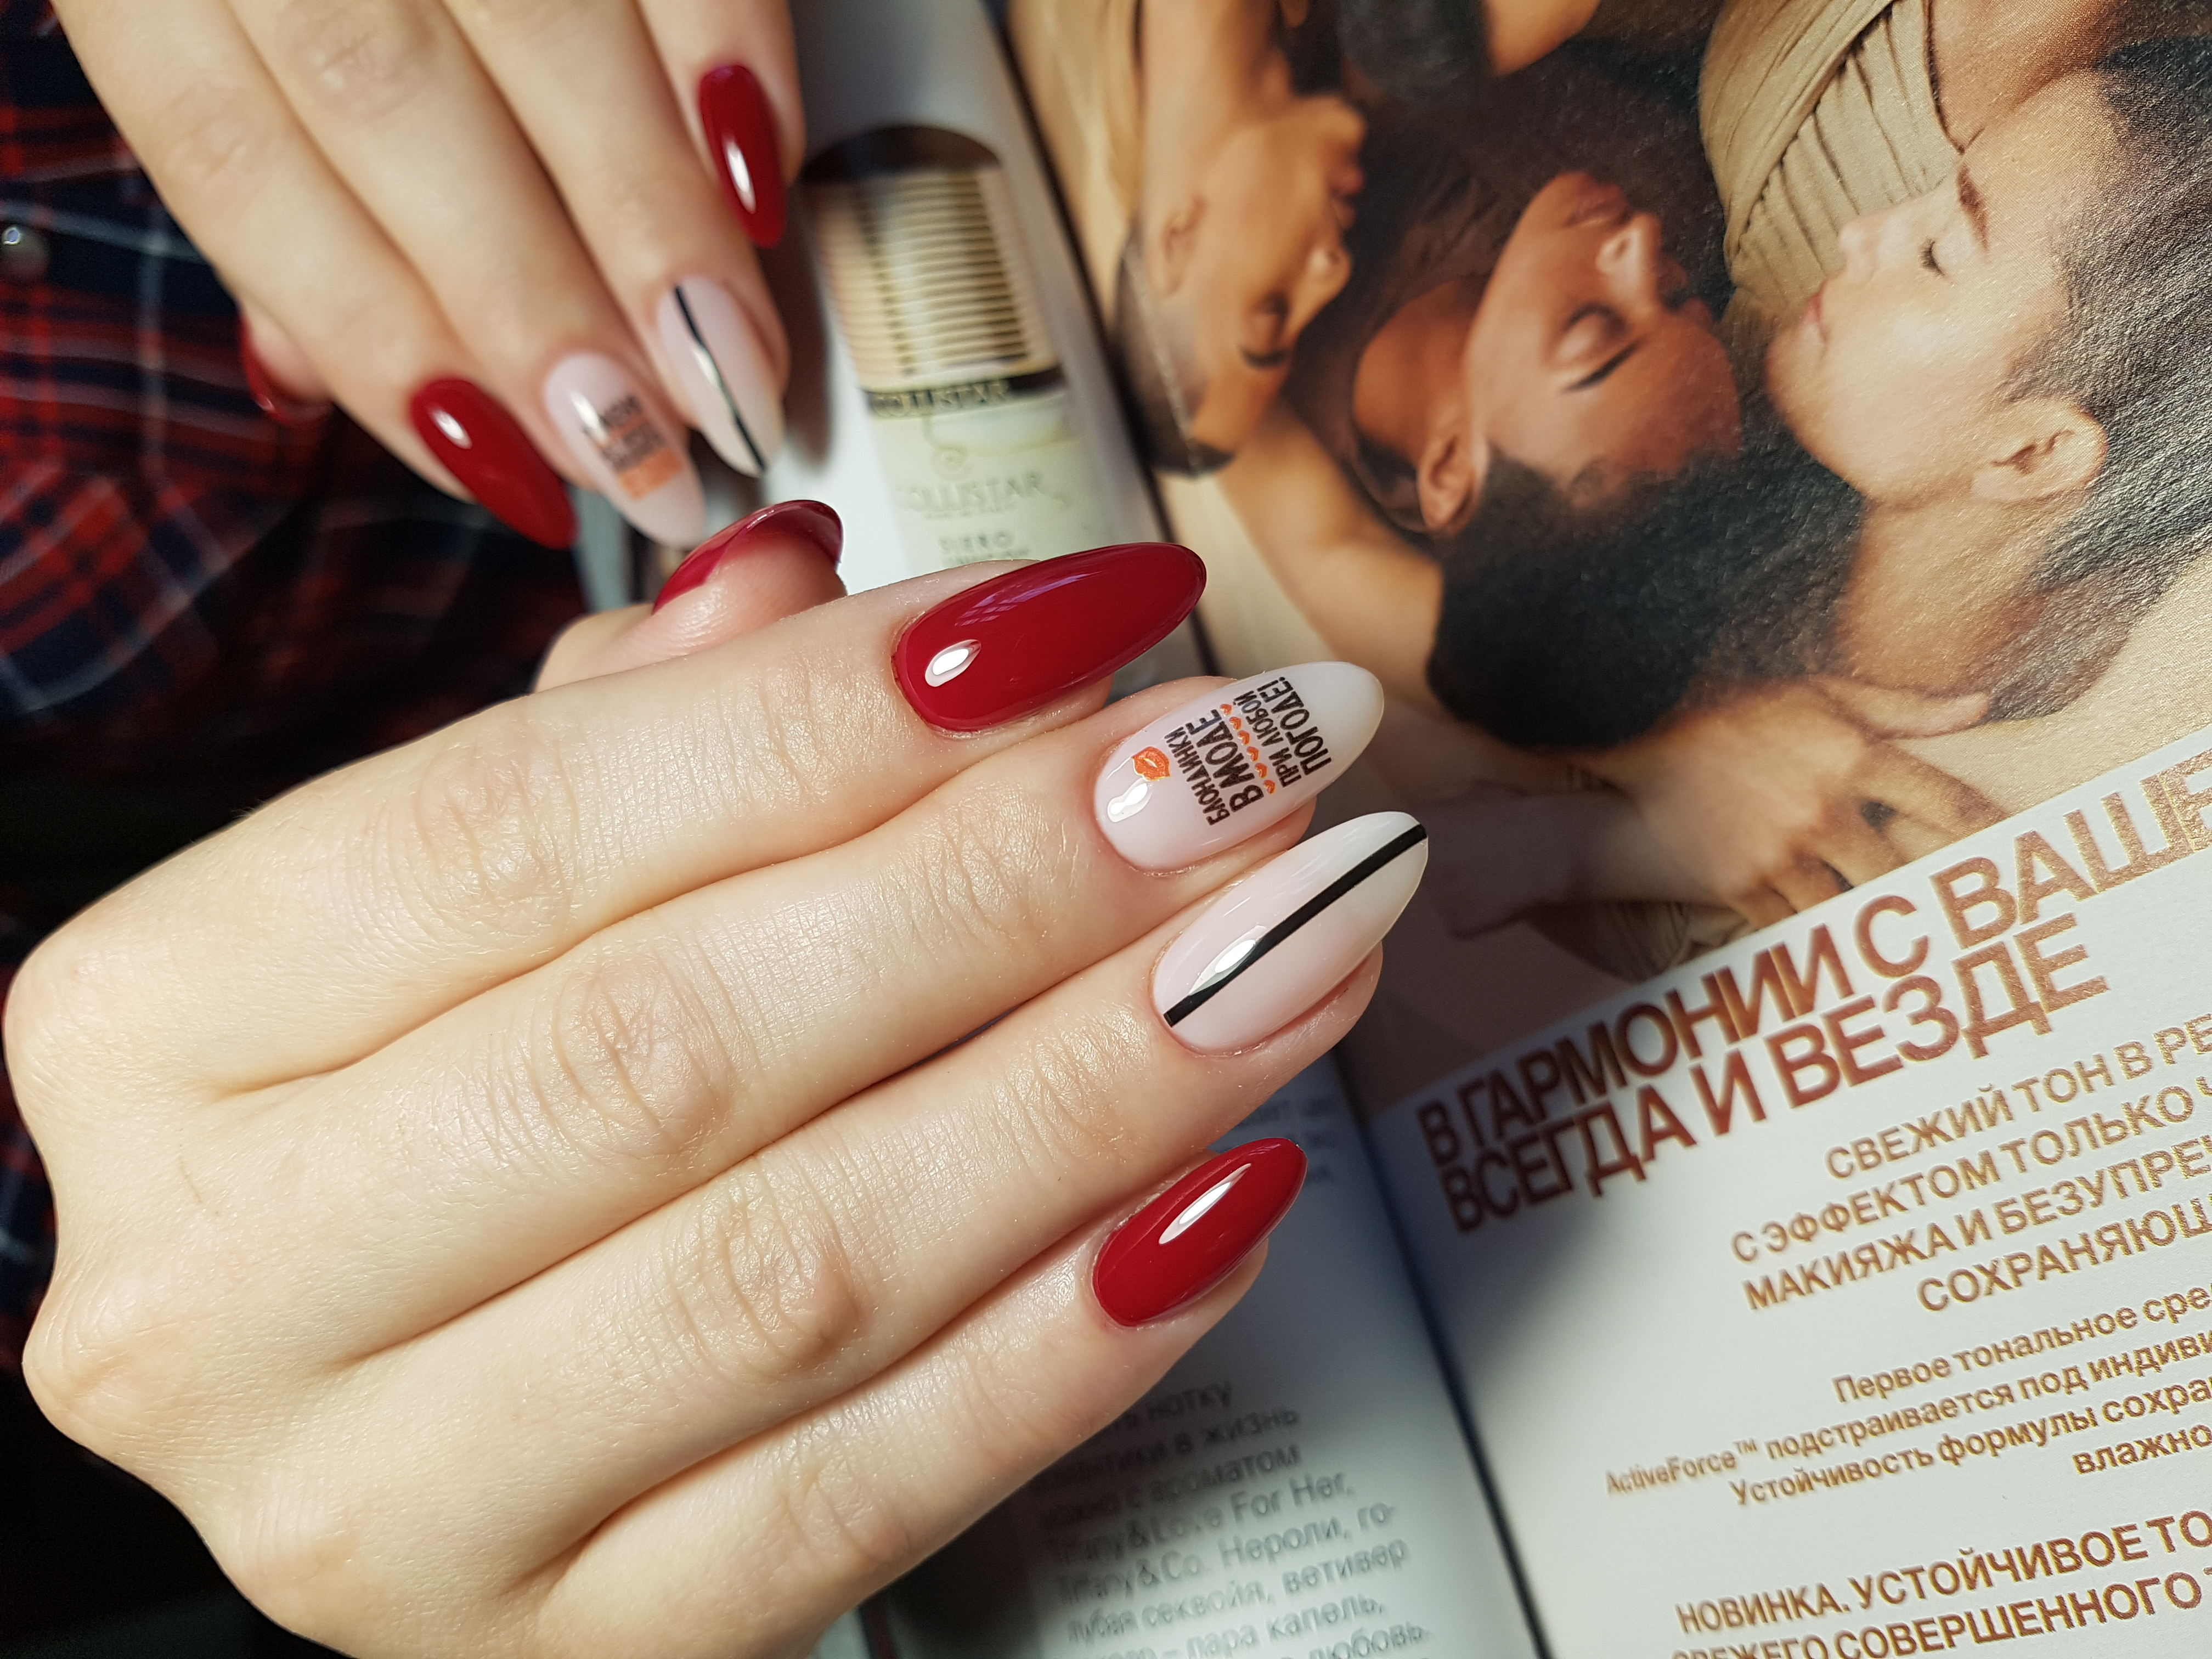 Маникюр с надписями и полосками в темно-красном цвете на длинные ногти.